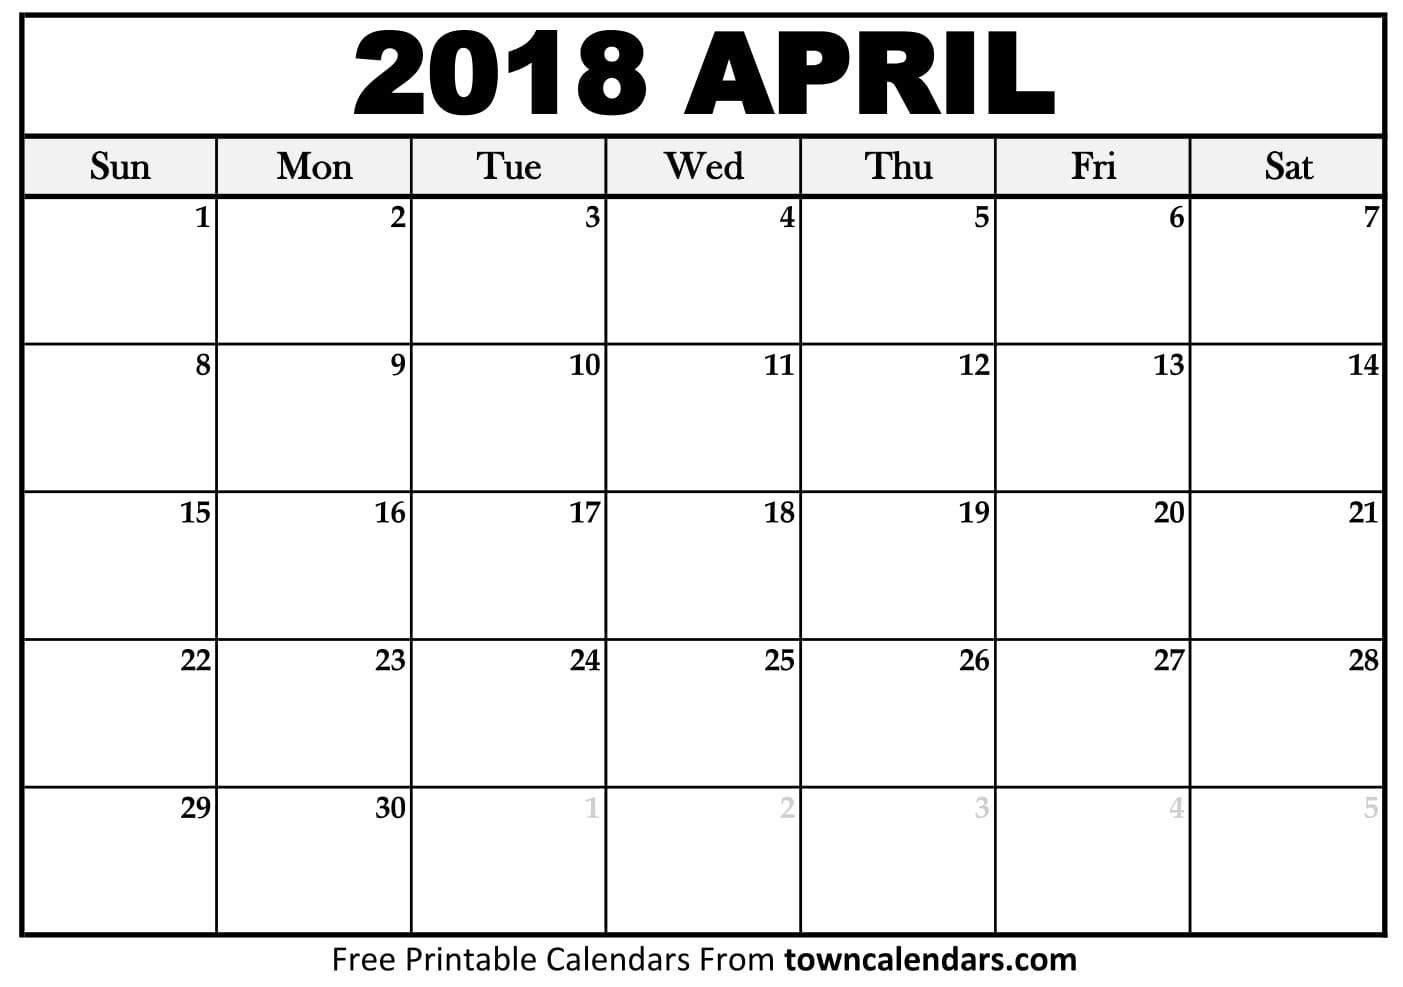 12 Hour Shift Calendar 2021   Calendar Template Printable-Free Printable Hourly Calendar 2021